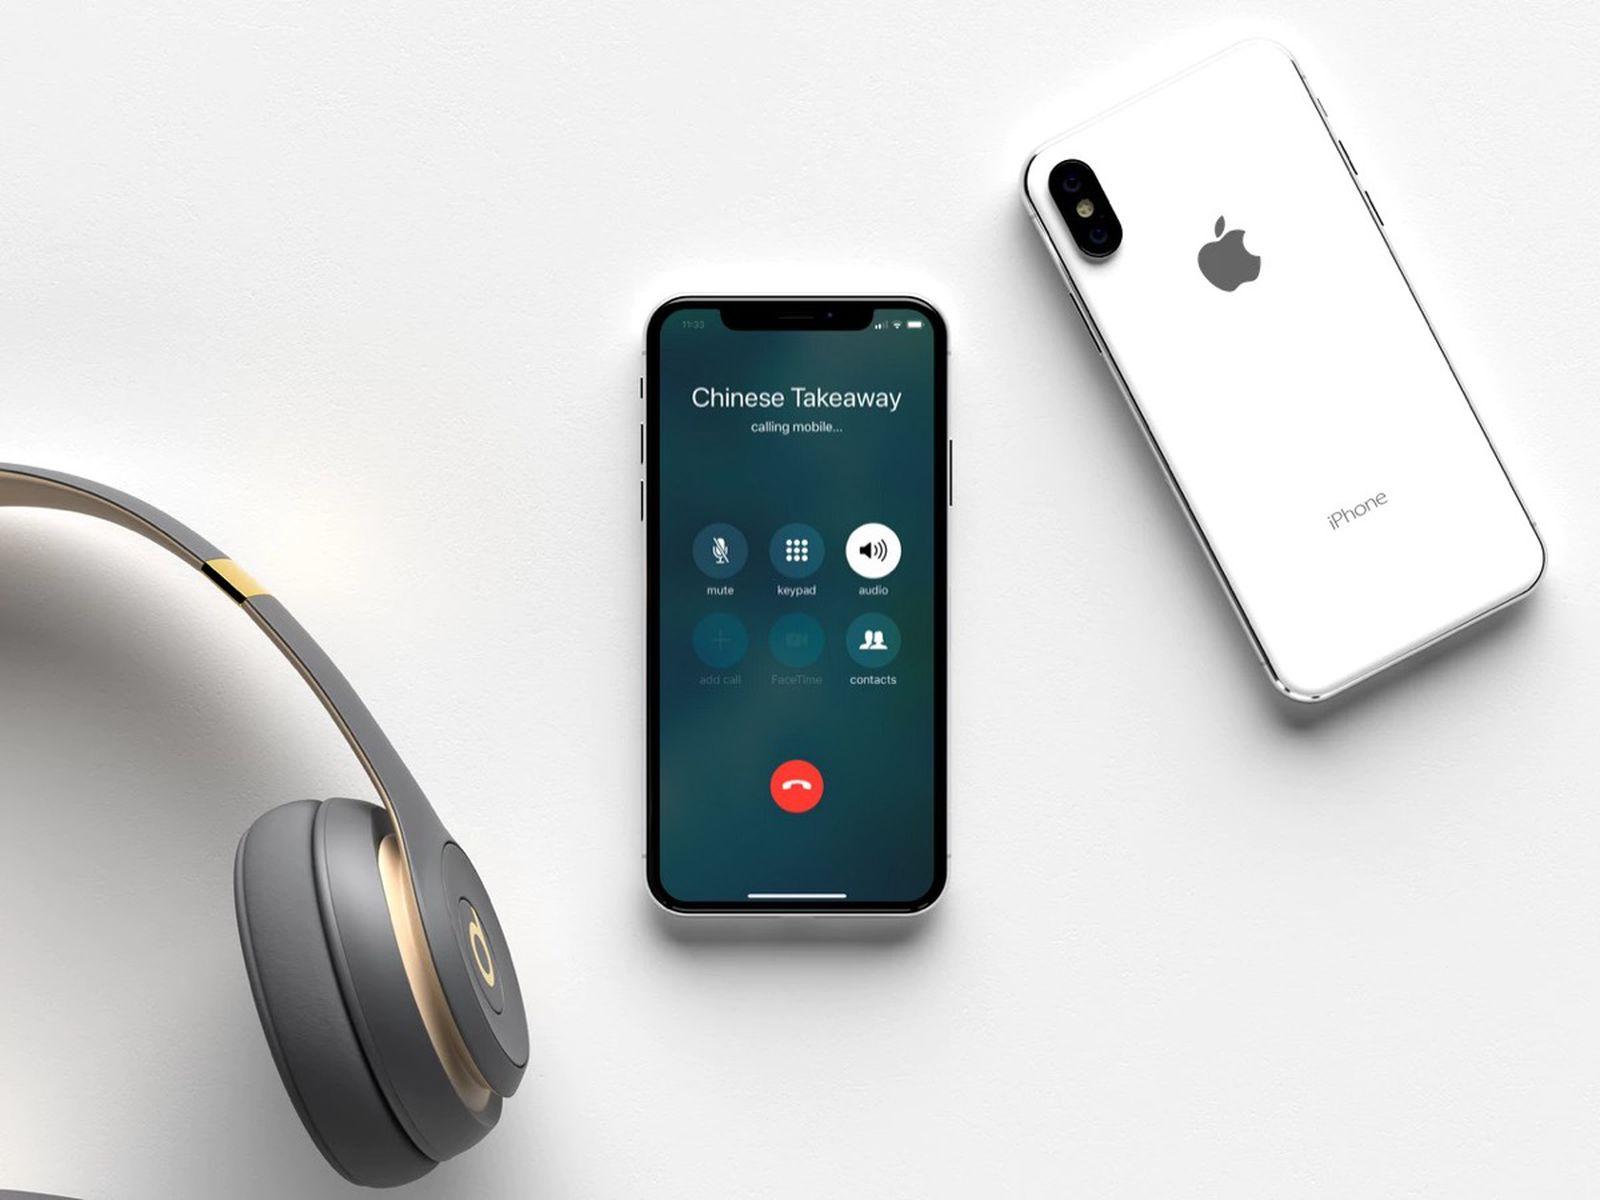 تعمیر اسپیکر موبایل آیفون | گارانتی مجاز اپل